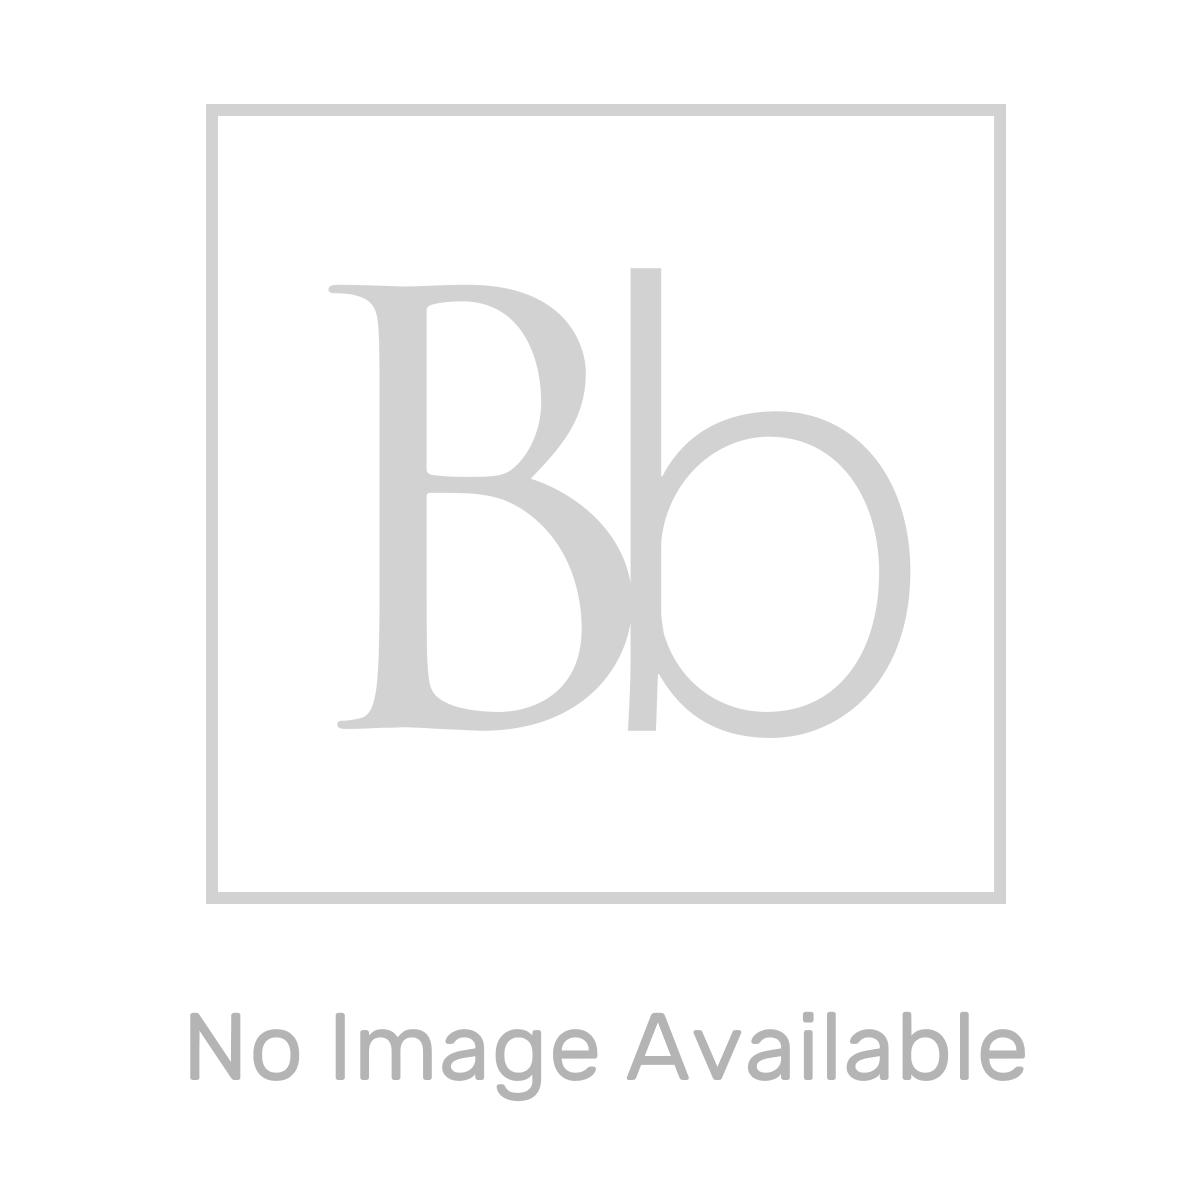 Merlyn Truestone White Rectangular Shower Tray 1600 x 800mm